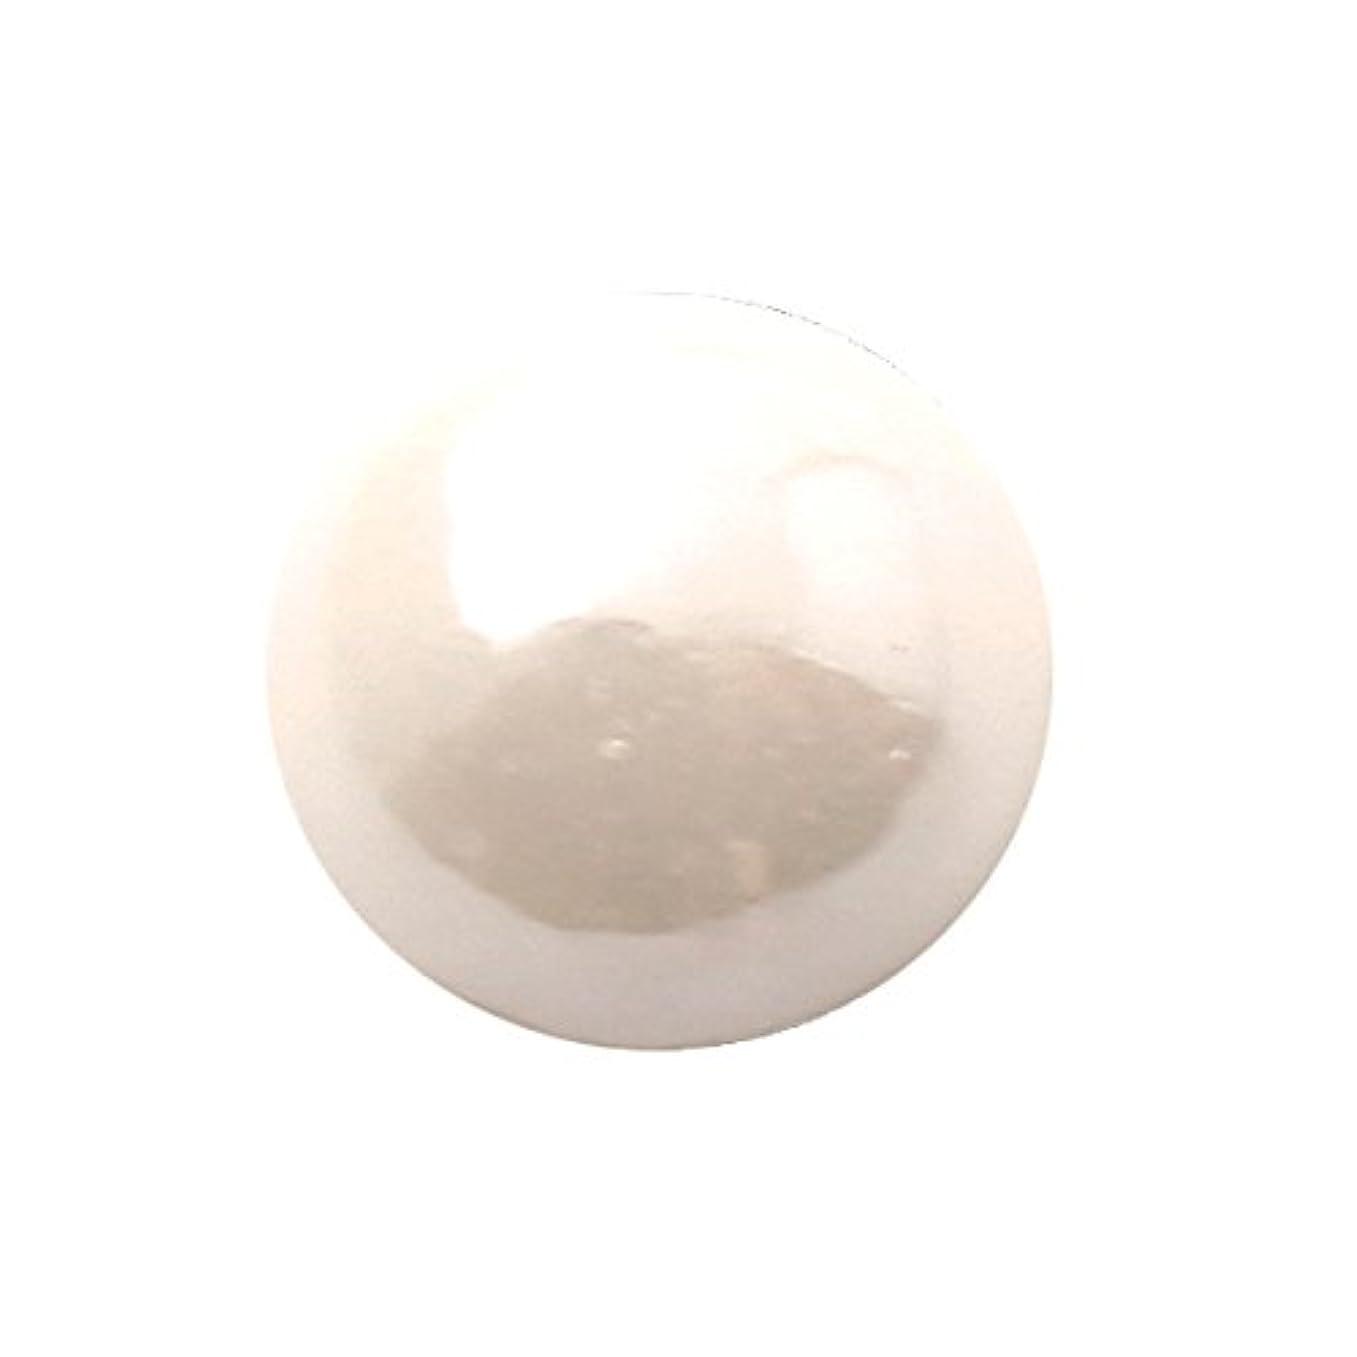 かすれた一晩衝動グラスパールラウンド 3mm(各50個) ホワイト